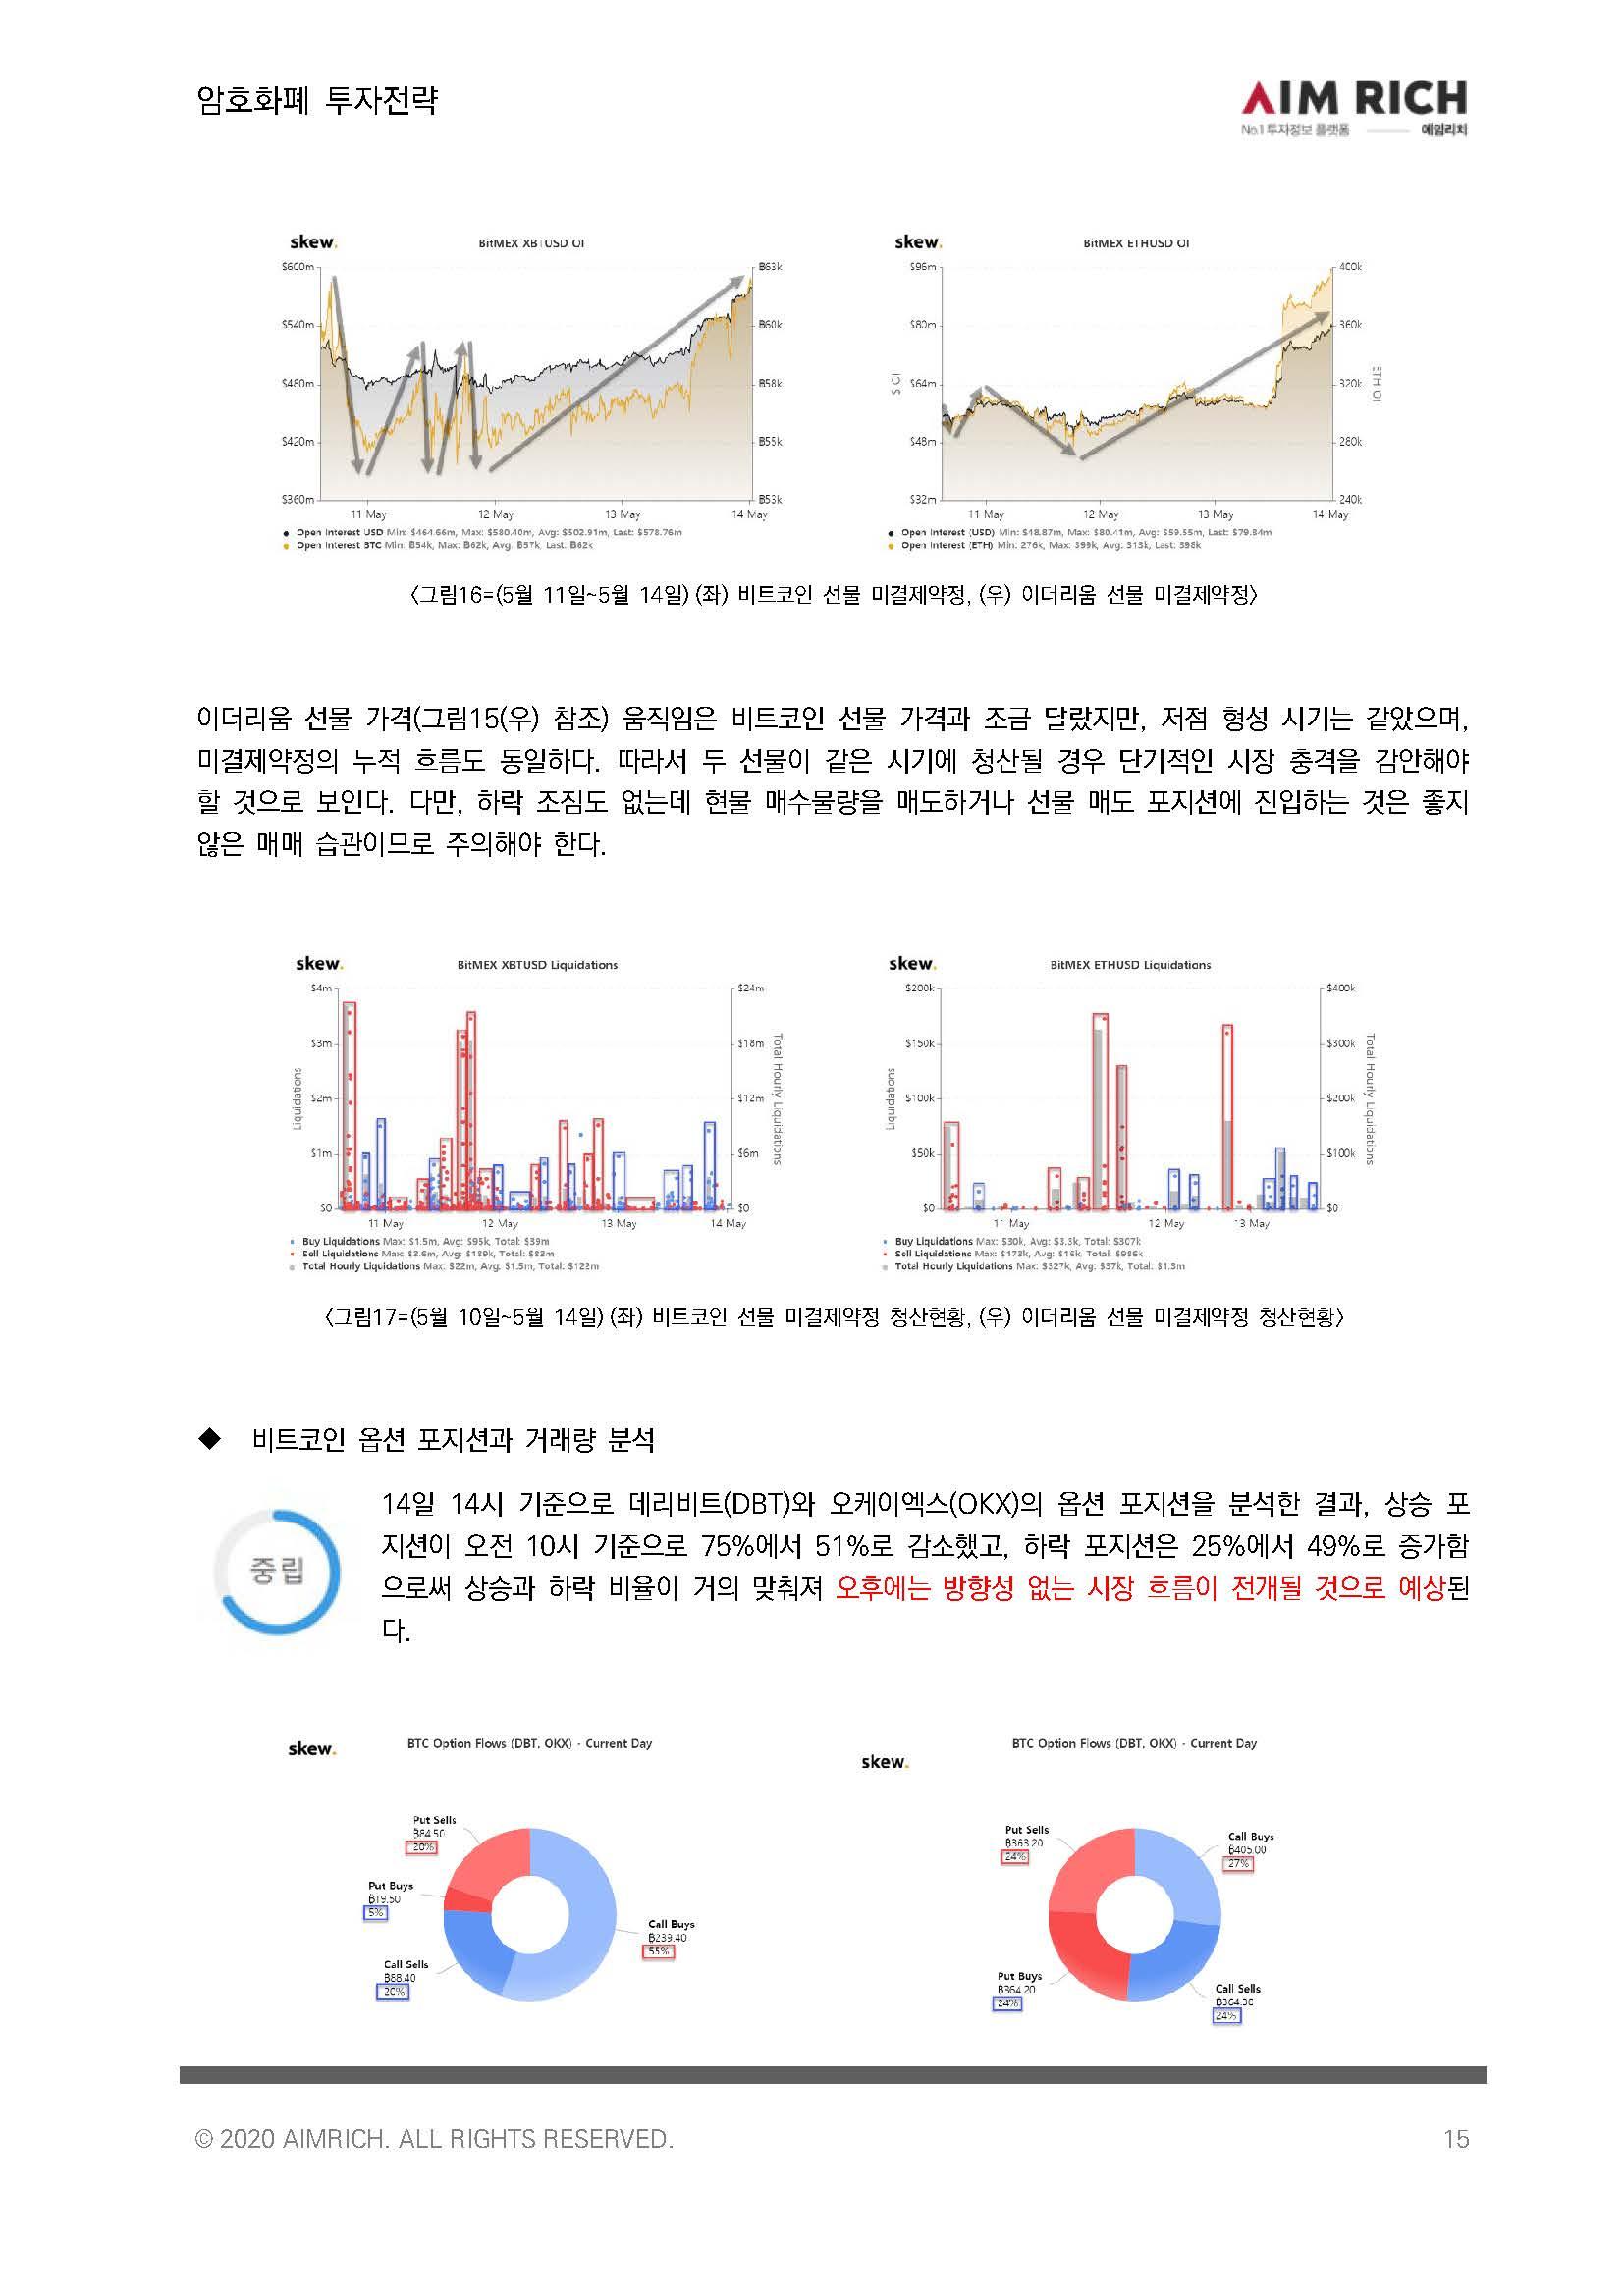 [투자전략]비트코인, 주요 자산 중 연초대비 수익률 1위로 '강세'_20200514_페이지_15.jpg